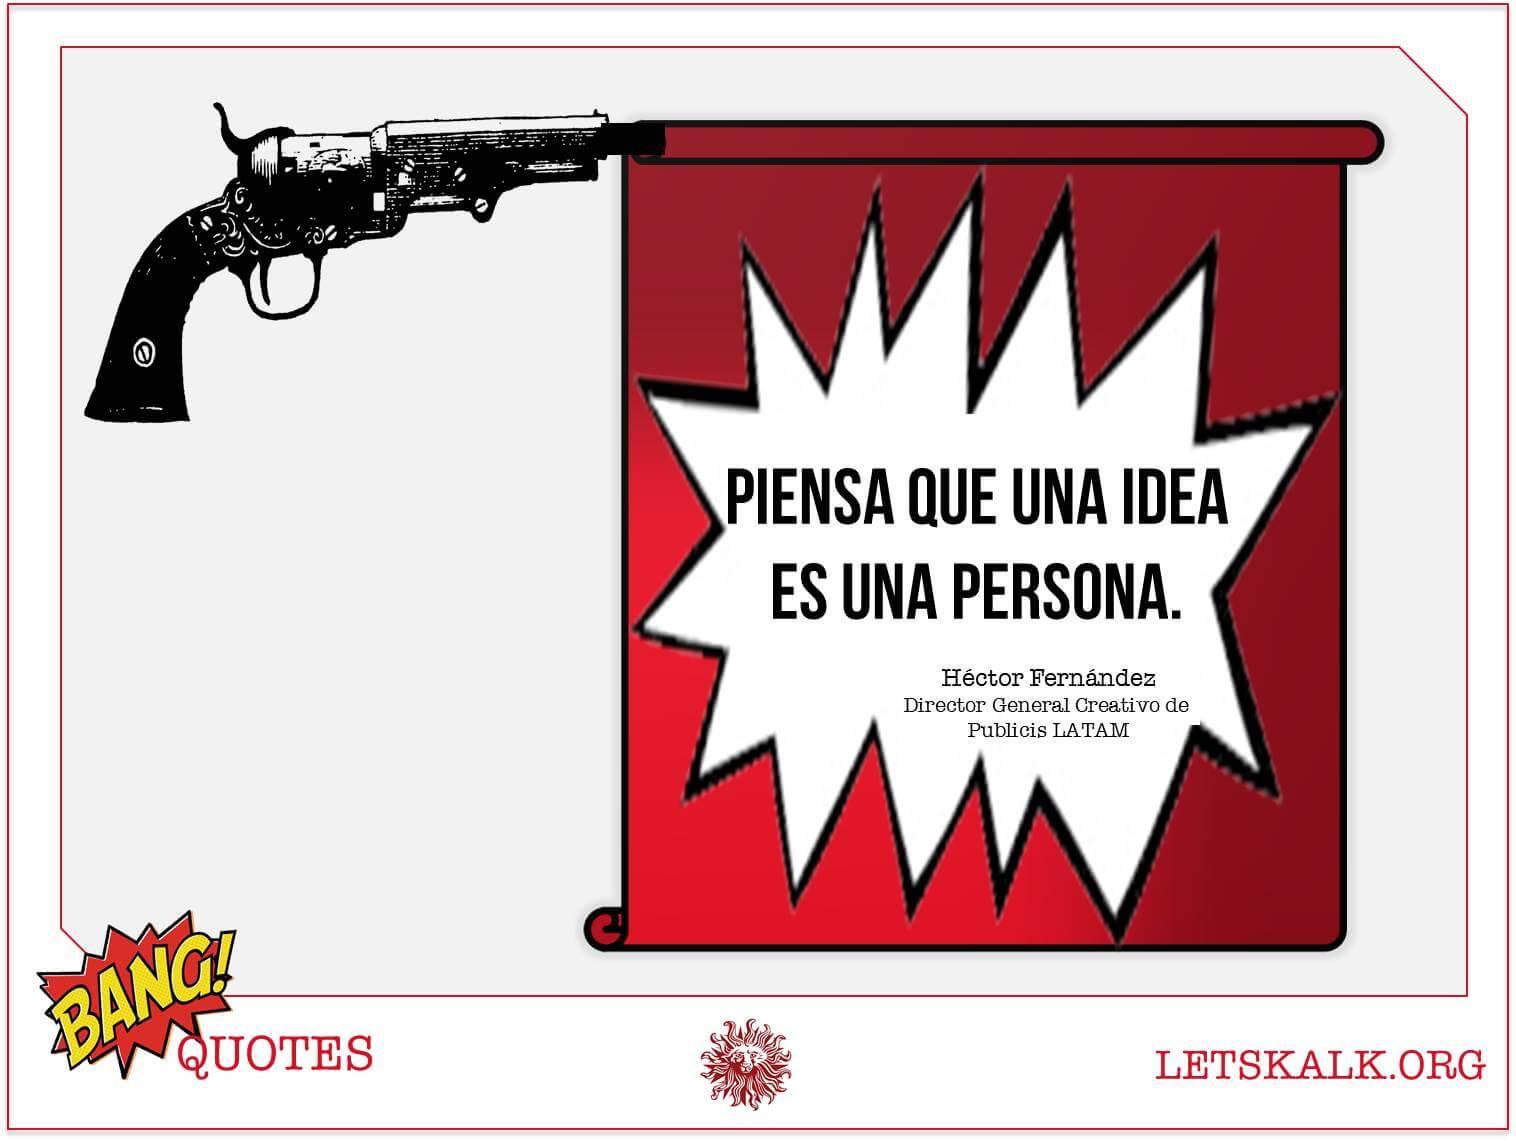 """#BangQuotes: """"Piensa que una idea es una persona.""""-Héctor Fernández."""